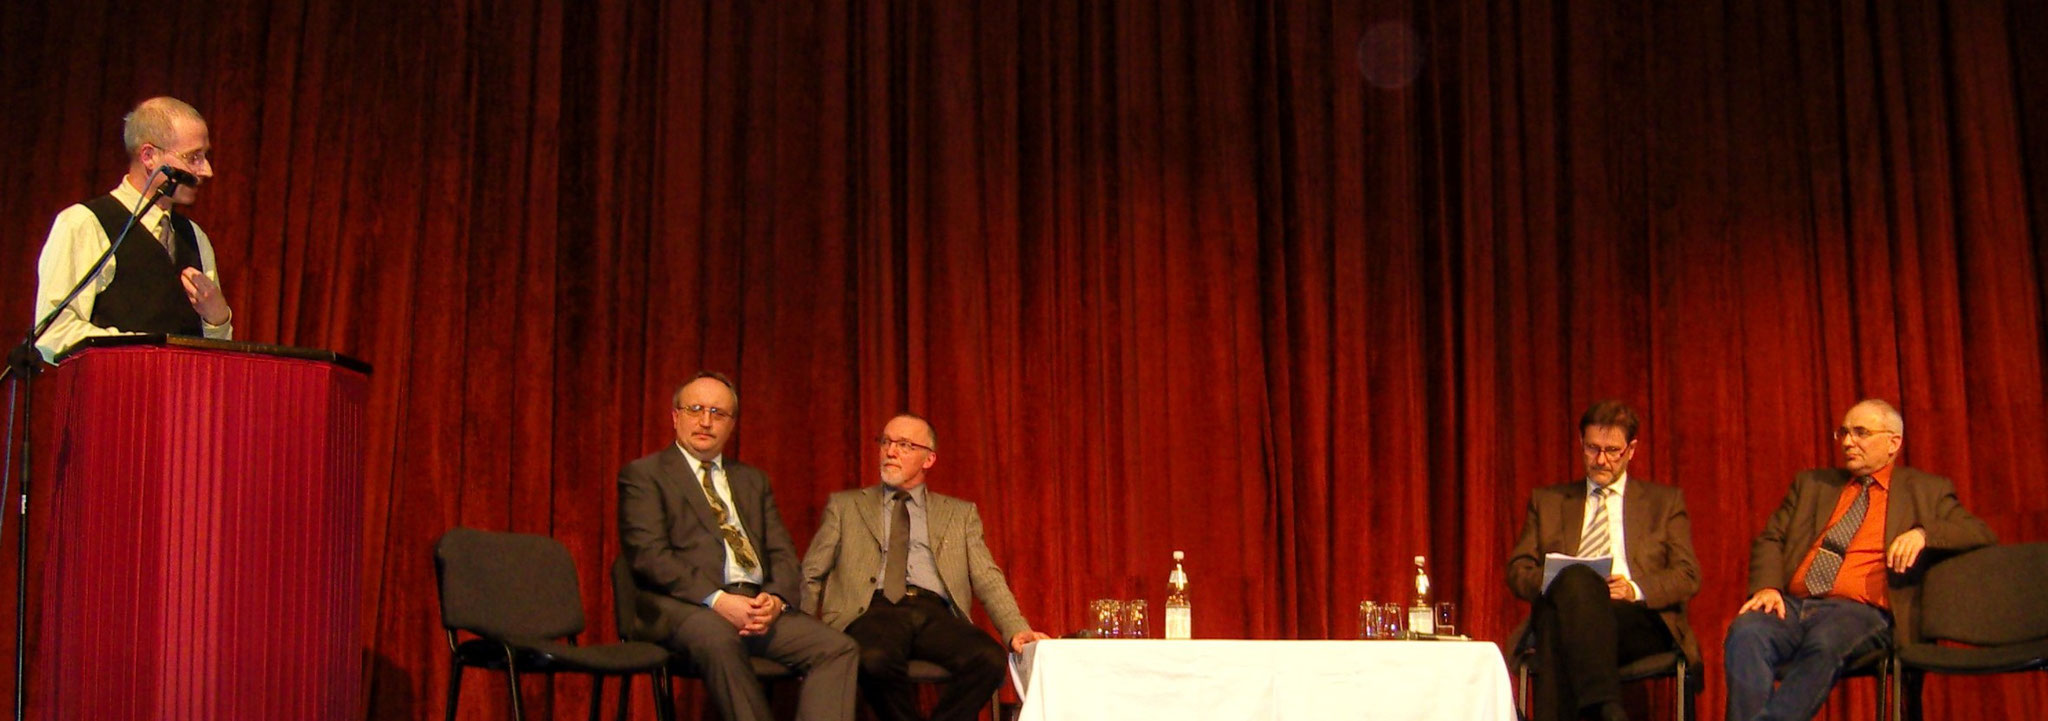 """Campus Wittenberg: kontroverse Podiumsdiskussion im Wittenberger Theater u.a. mit dem Kultusminister Jan-Hendrik Olbertz (4. v. links) zum Thema """"Bildung und Erziehung sind eine Einheit""""  - 2008"""